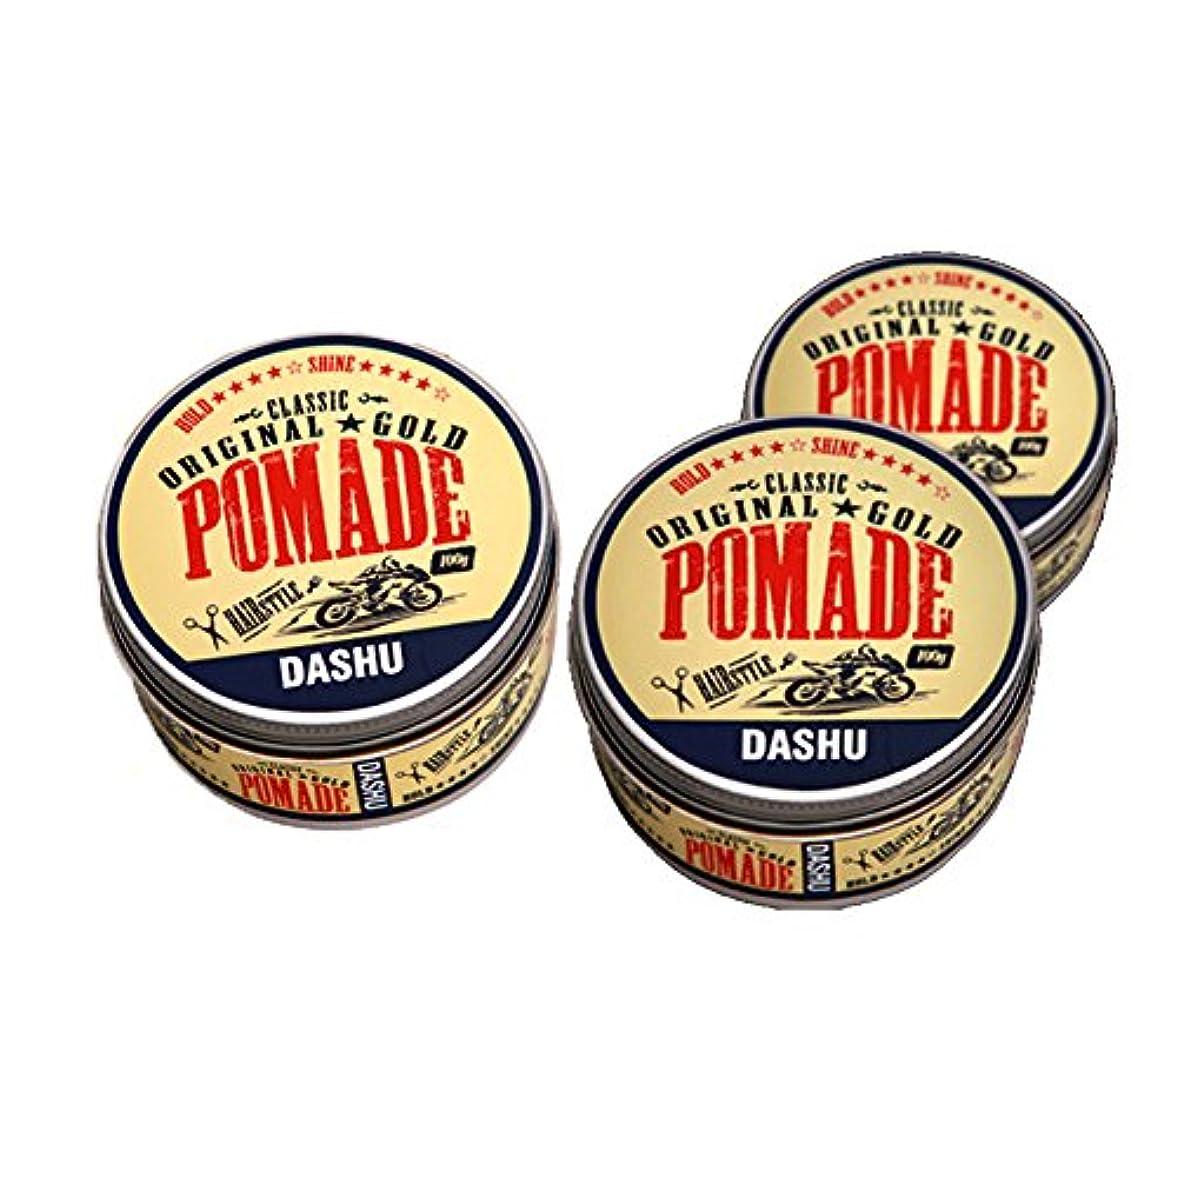 検出するハシープレゼンター(3個セット) x [DASHU] ダシュ クラシックオリジナルゴールドポマードヘアワックス Classic Original Gold Pomade Hair Wax 100ml / 韓国製 . 韓国直送品